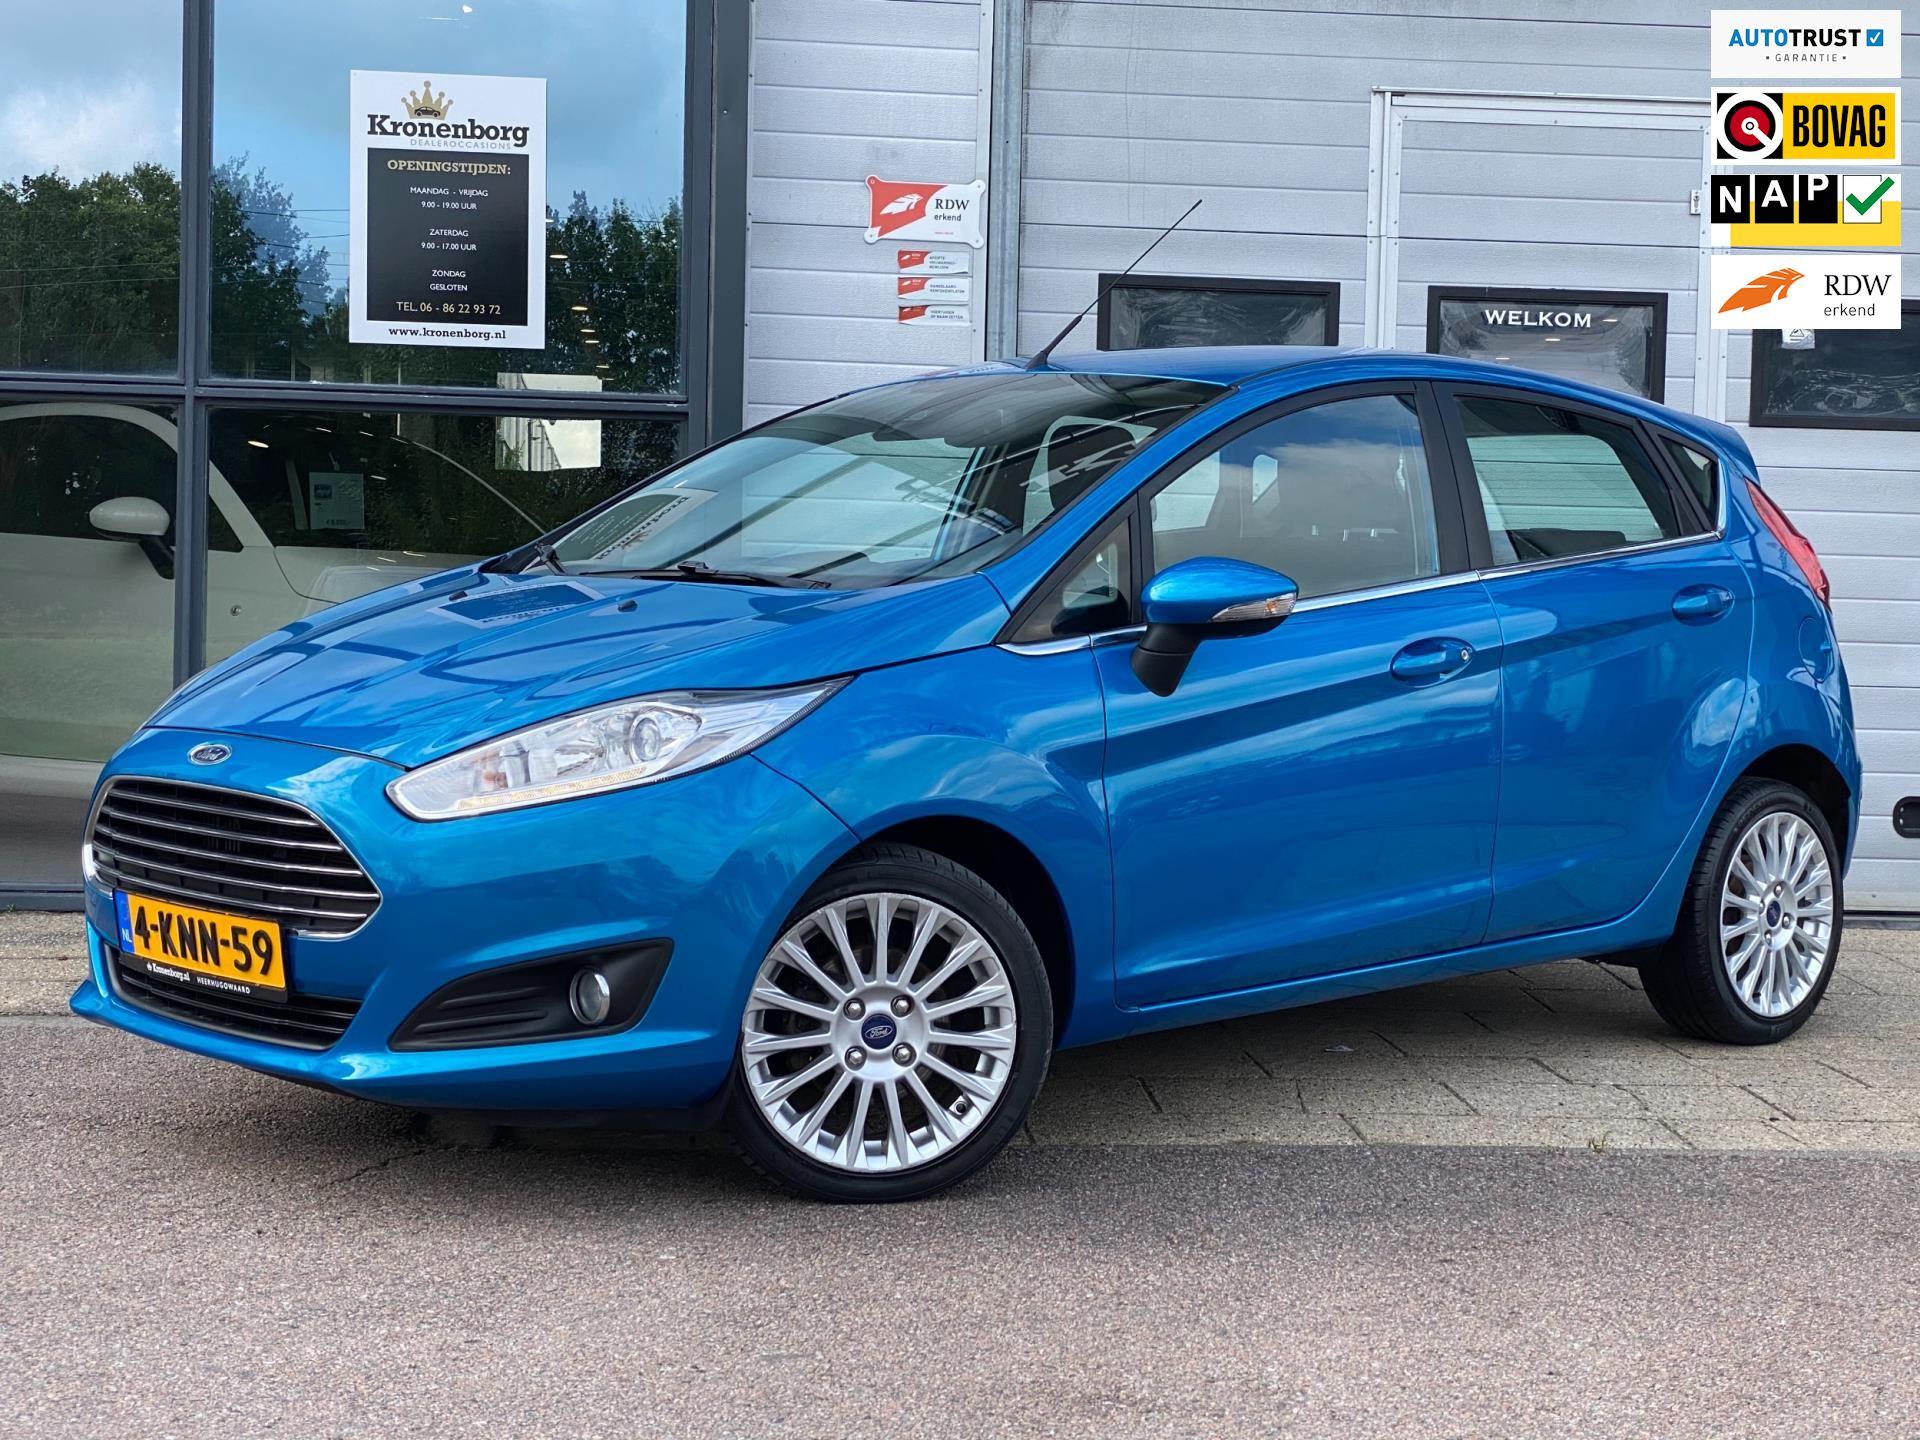 Ford Fiesta occasion - Kronenborg